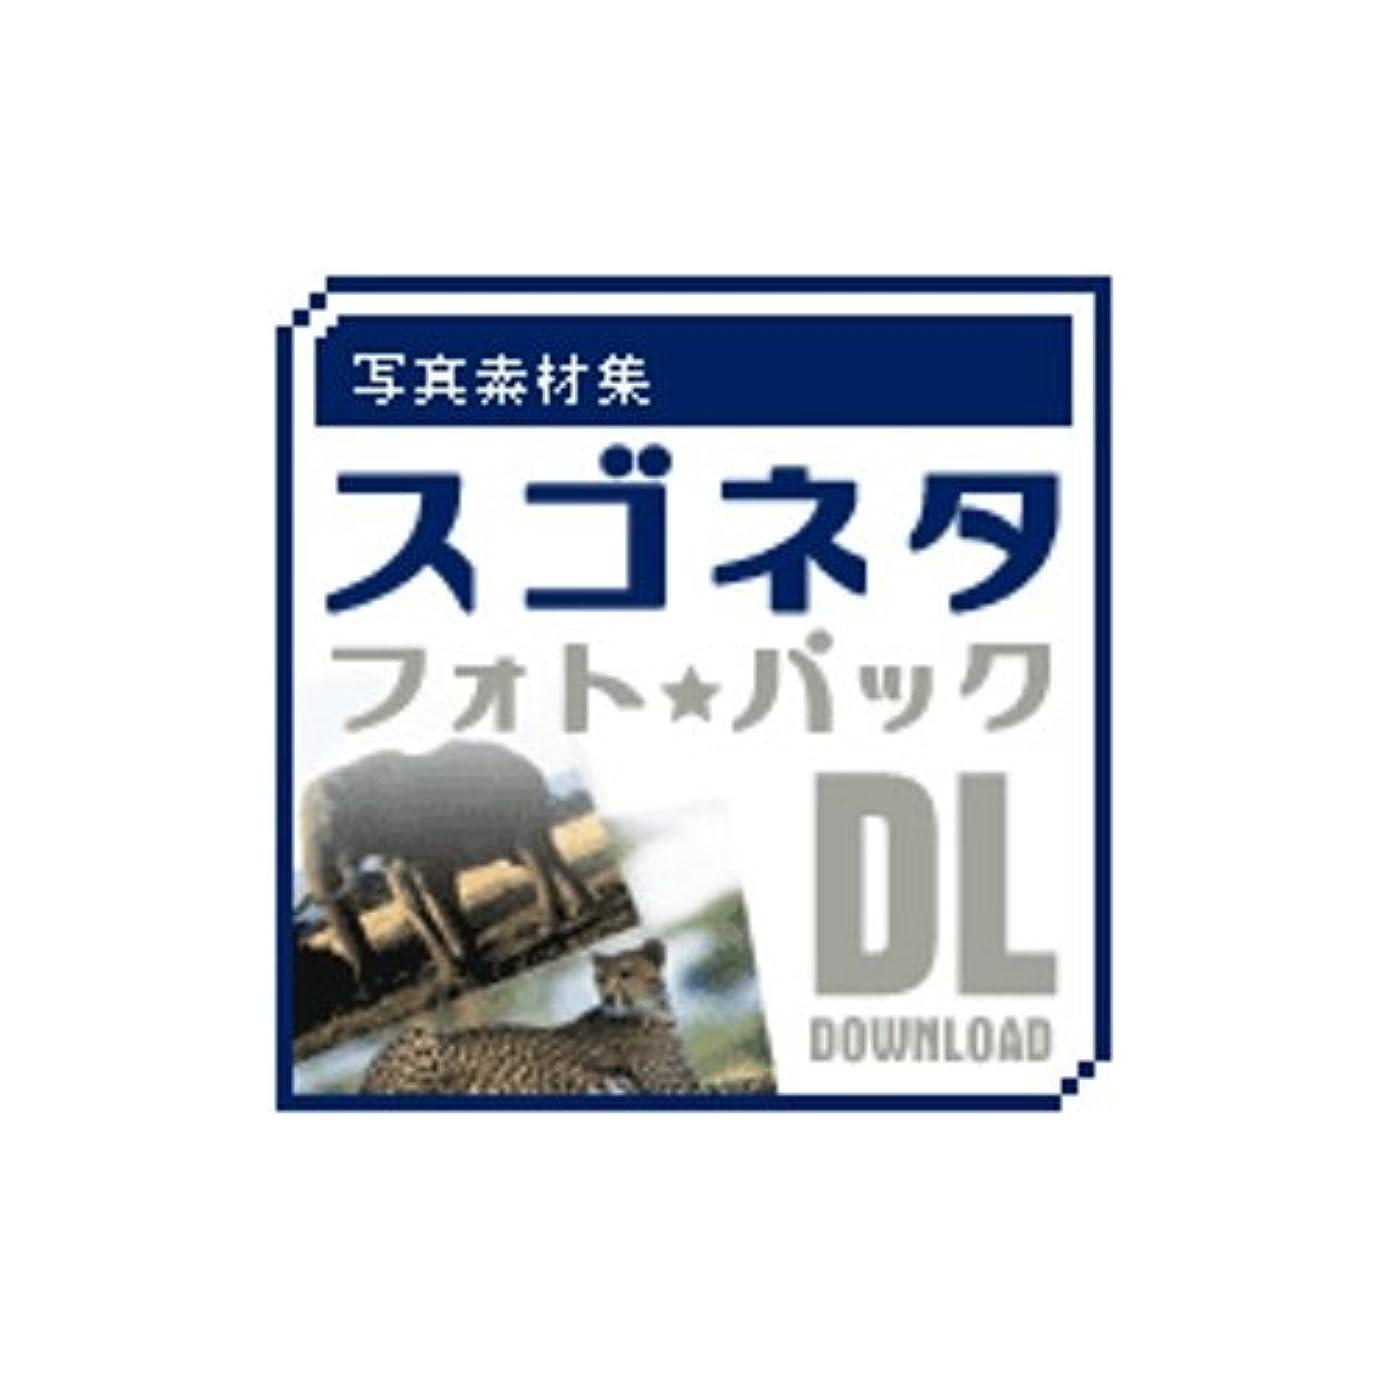 シールド座るラダ写真素材集 スゴネタフォトパック ビジネスマン&ウーマン DL [ダウンロード]